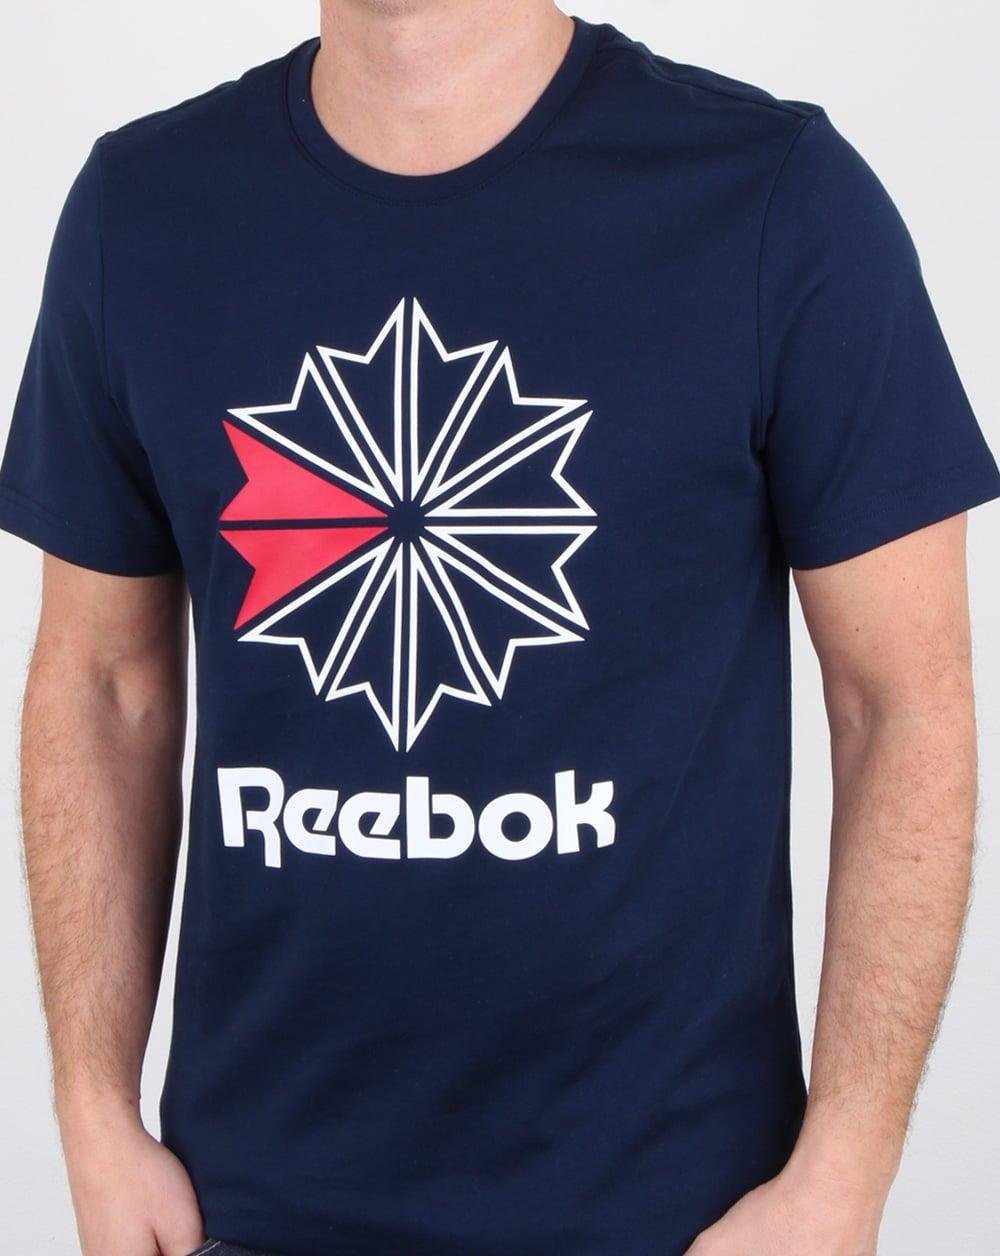 Reebok Ny Logo T Shirt o1ot2bed6